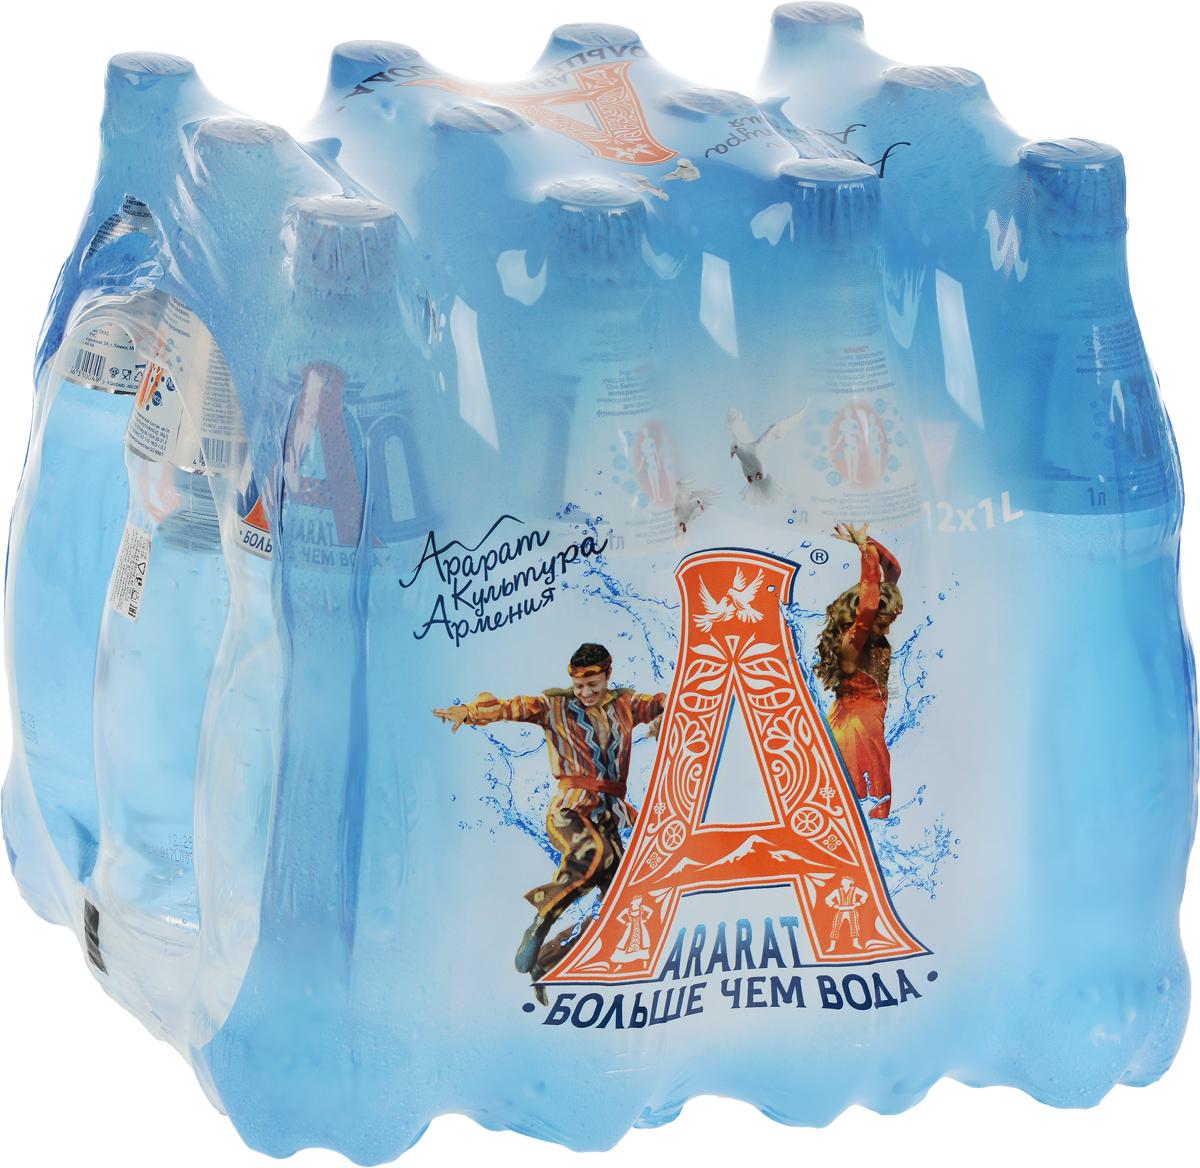 Ararat вода газированная минеральная лечебно-столовая, 12 штук по 1 л4850006310094Употребление воды Арарат поможет привести в норму водно-минеральный обмен организма, стимулирует систему пищеварения, благодаря сбалансированному природному минеральному составу.Разлито на территории минеральных источников Арарат скважина №11, Ущелье Борот-Ахбюр, Армения.Уважаемые клиенты! Обращаем ваше внимание, что перечень типичного химического состава продукта представлен на дополнительном изображении.